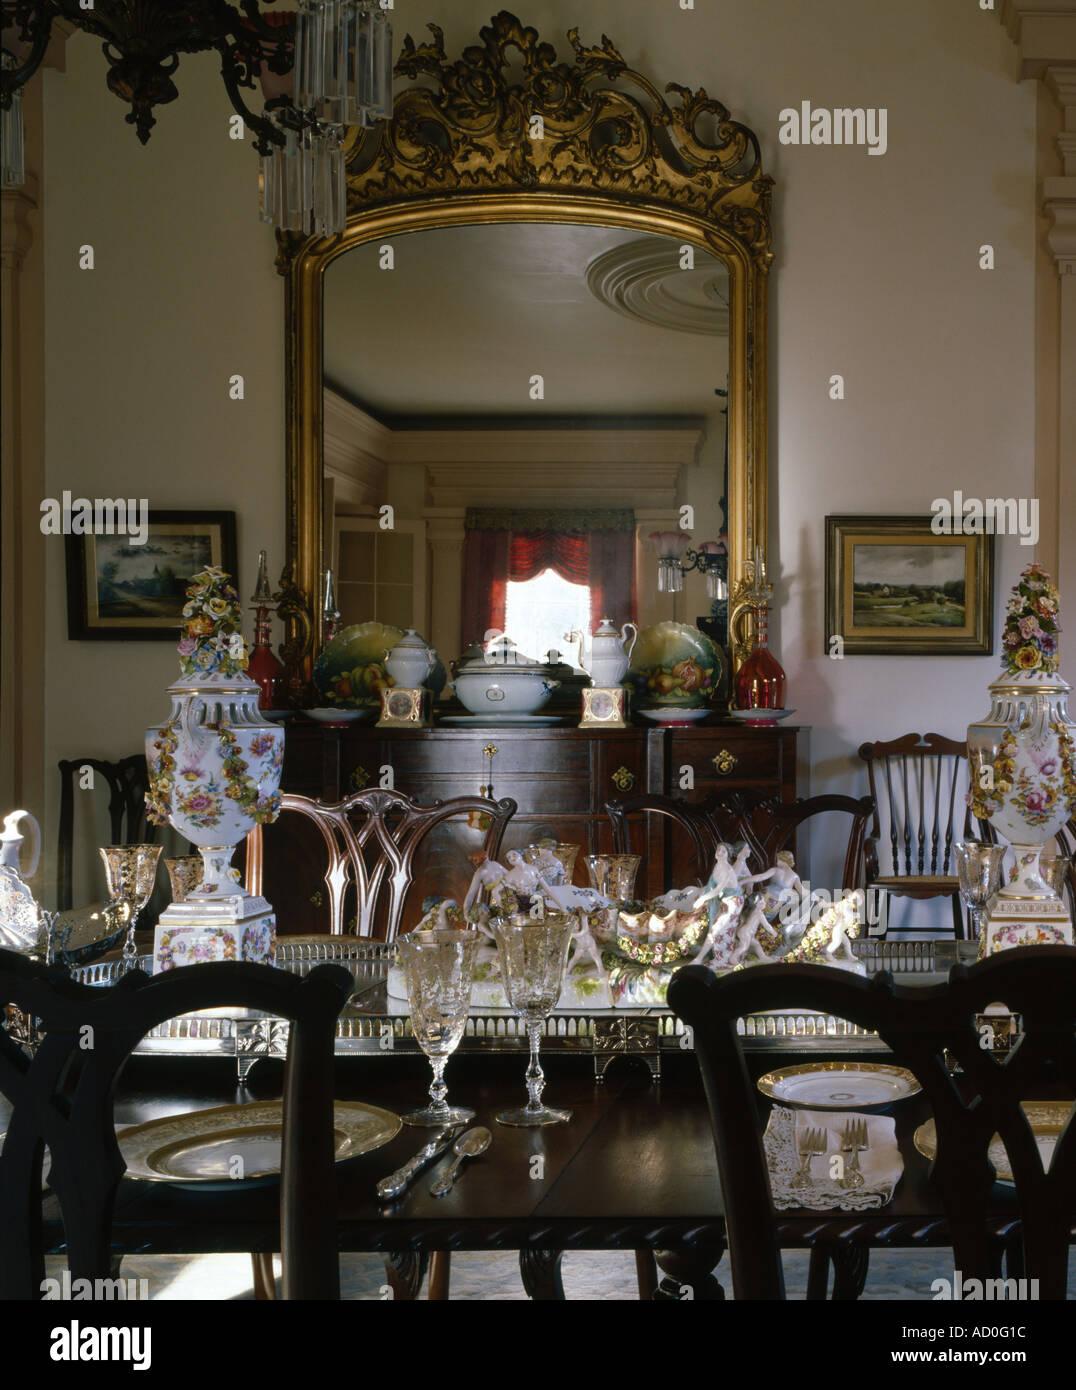 Waverley, Columbus, Mississippi, 1852. Dining room. Architect: Charles I. Pond - Stock Image